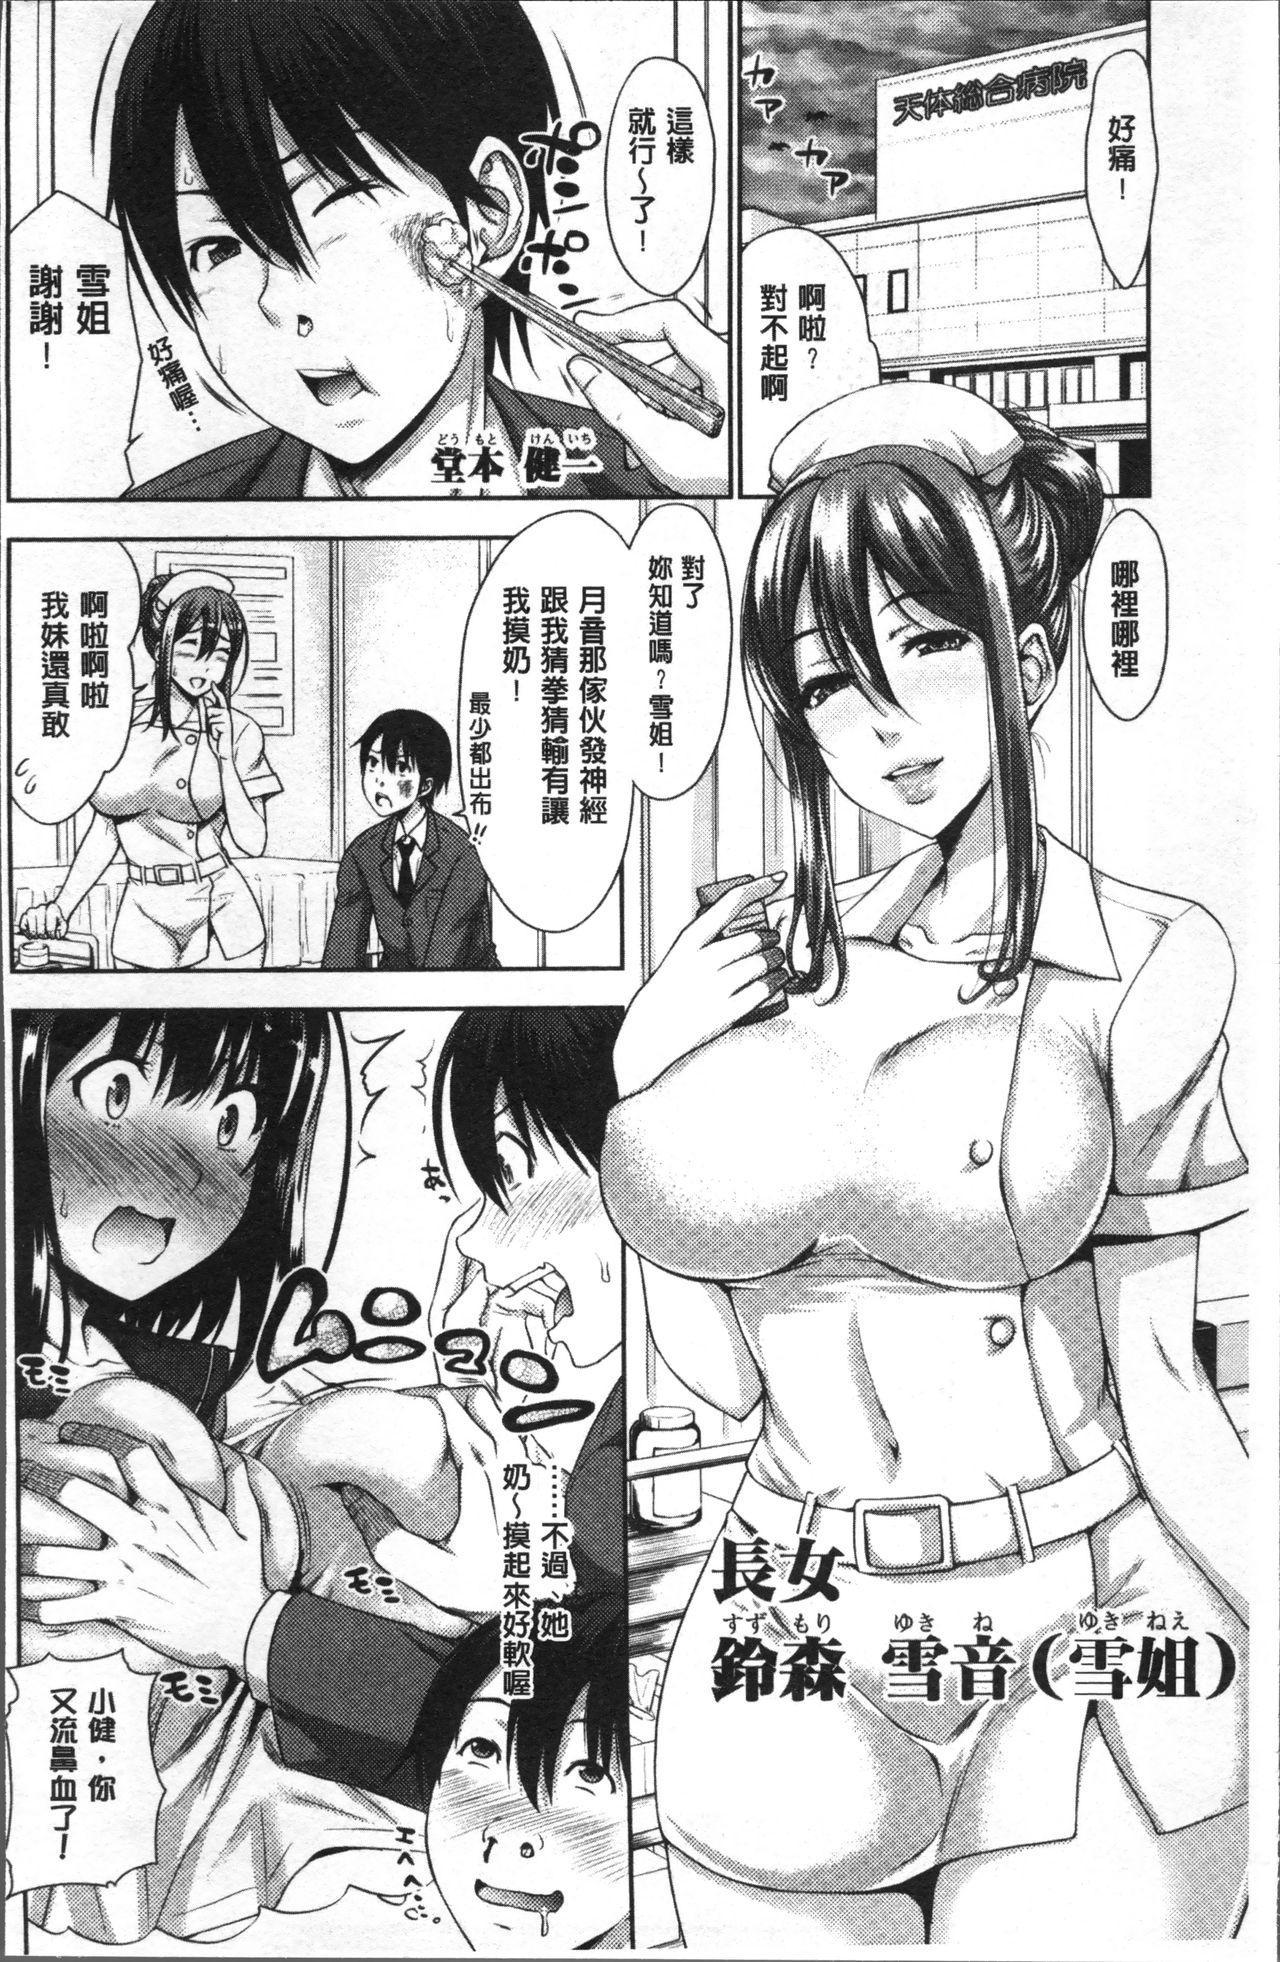 [Takuwan] Sanshimai Show Time -Moshi Ore ga 10-nen mae no Sugata de Seishun Yarinaosetara- | 三姉妹ShowTime -如果我以10年前的模樣青春再玩一次的話- [Chinese] 3